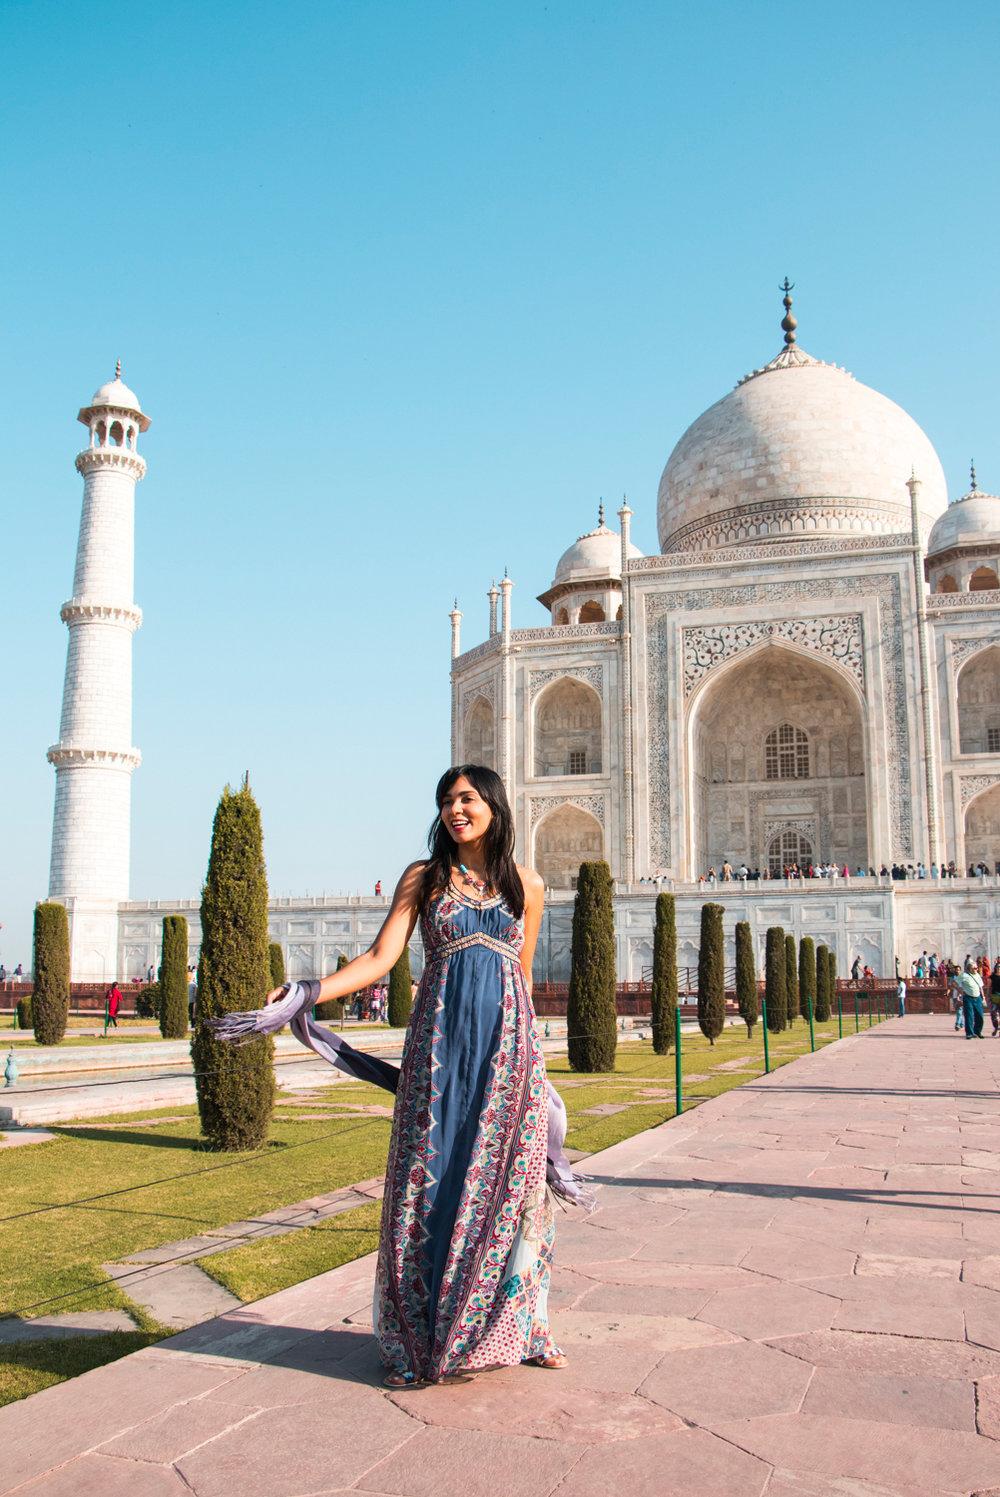 ¿Interesado en viajar a la India? Aquí la guía completa que necesitas saber: vuelos, vestimienta, lugares turísticos, costo, transporte y mucho más.viaje-india-travel-guia-11-taj-mahal